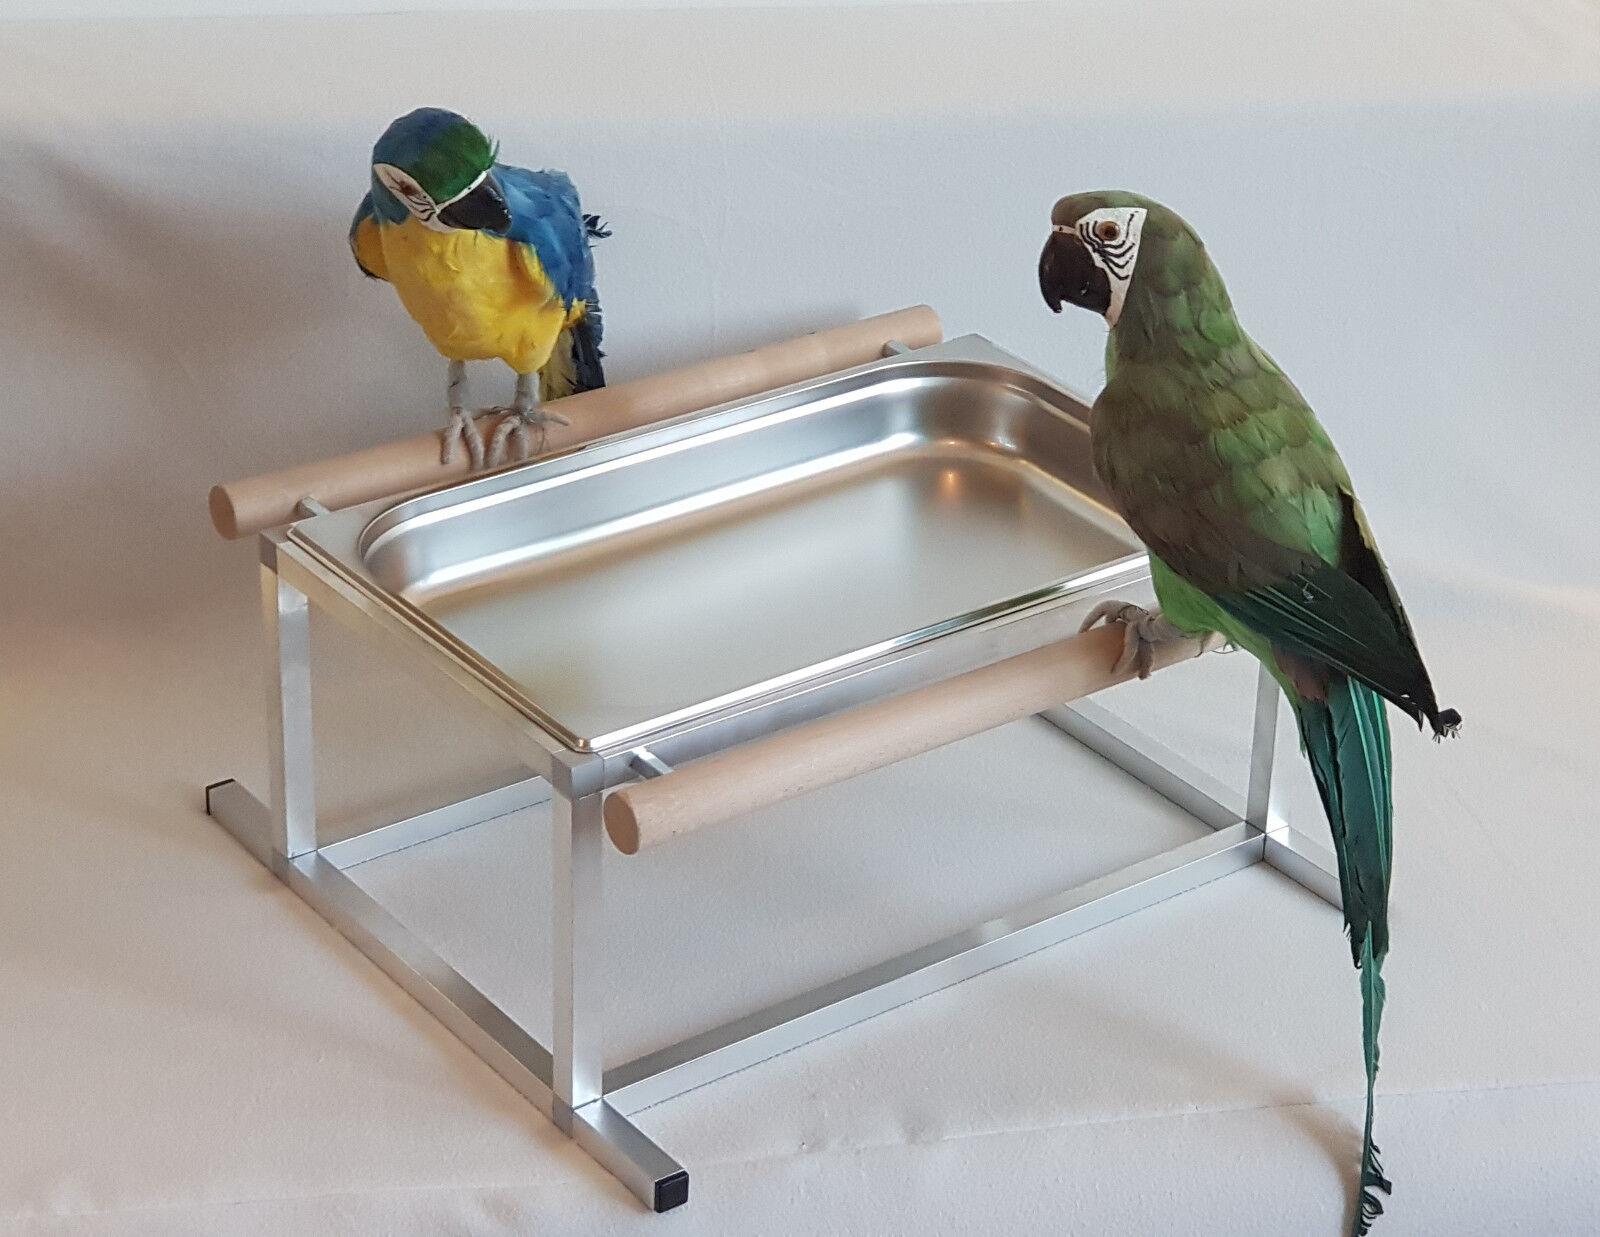 BADEWANNE Papageien Edelstahl VÖGEL Sittiche FREISTEHEND NEU